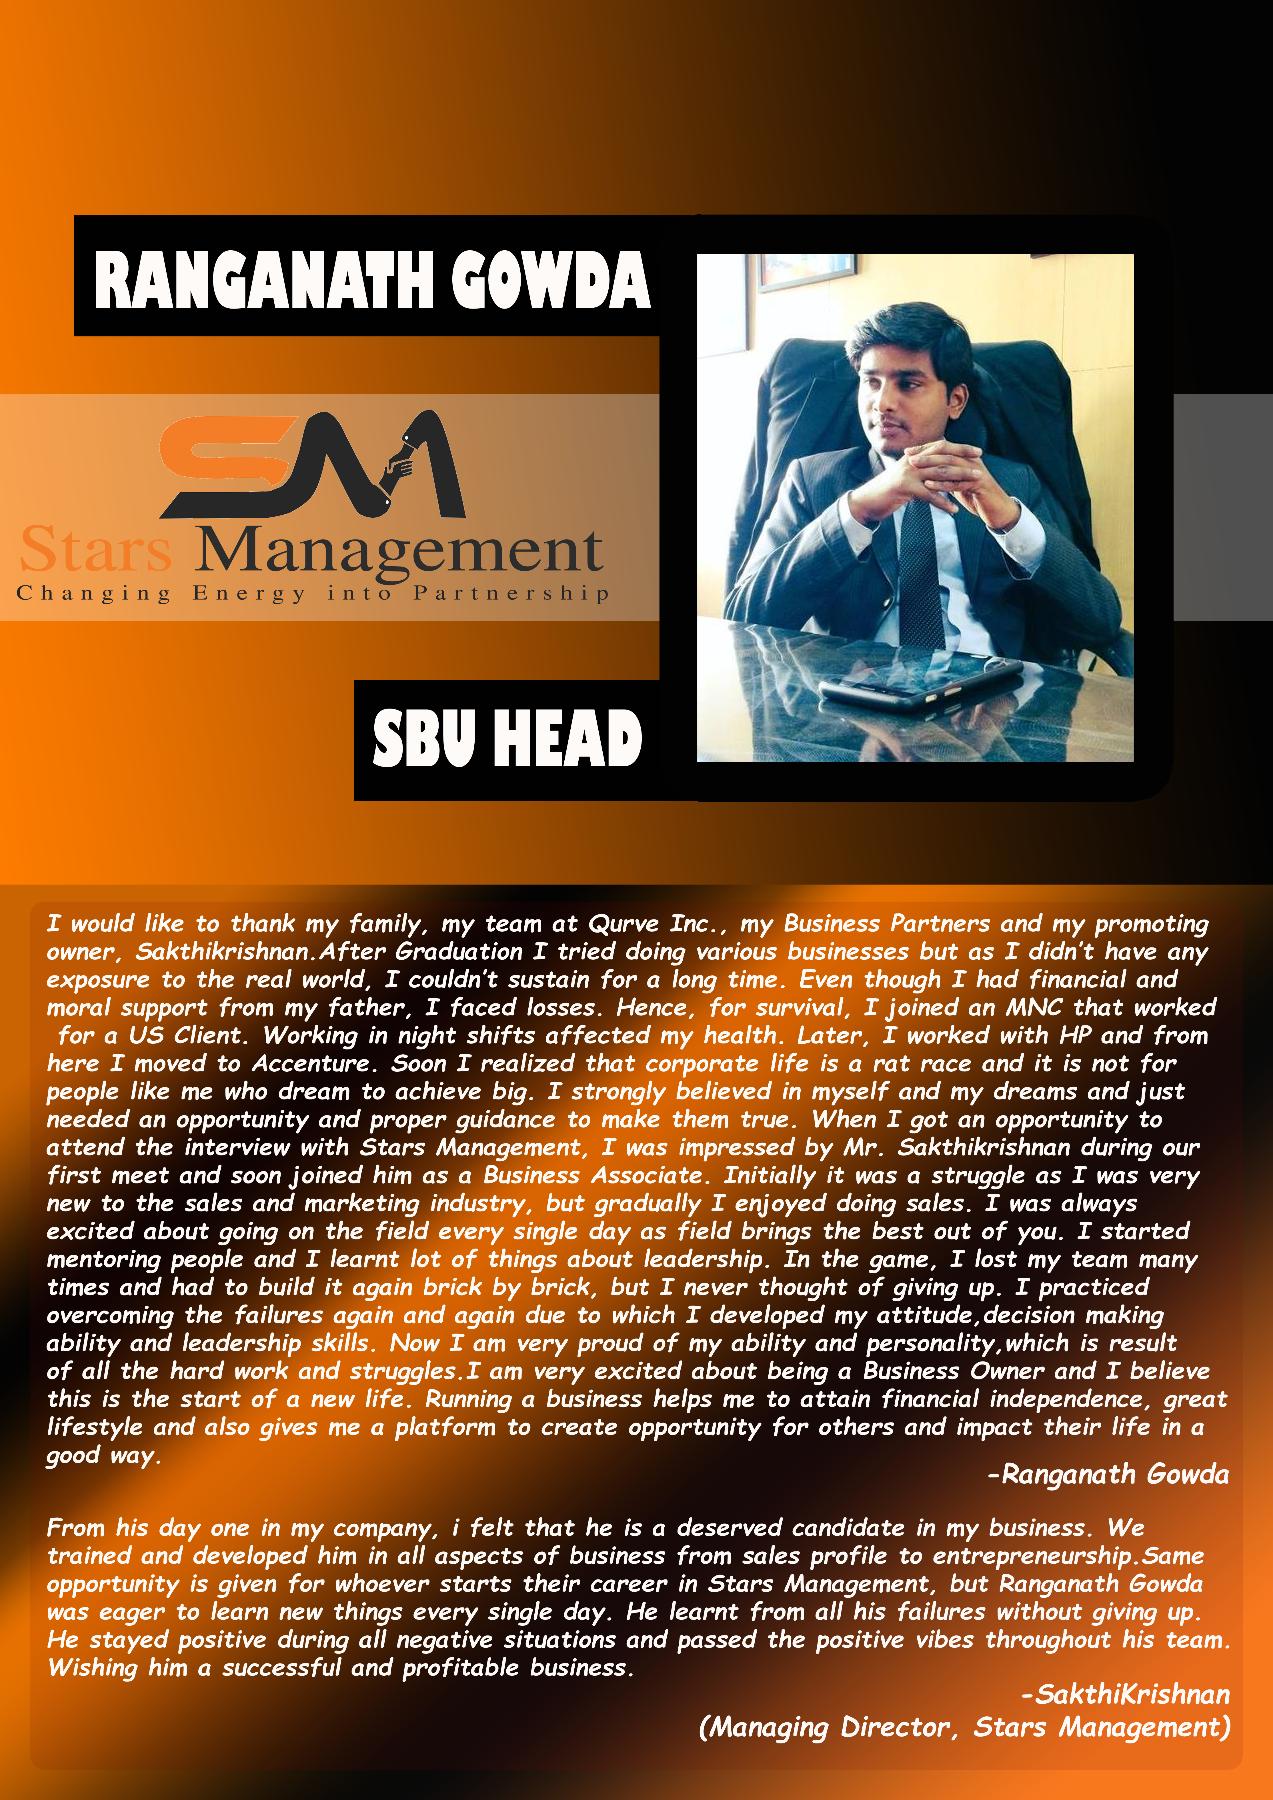 Ranganath Gowda